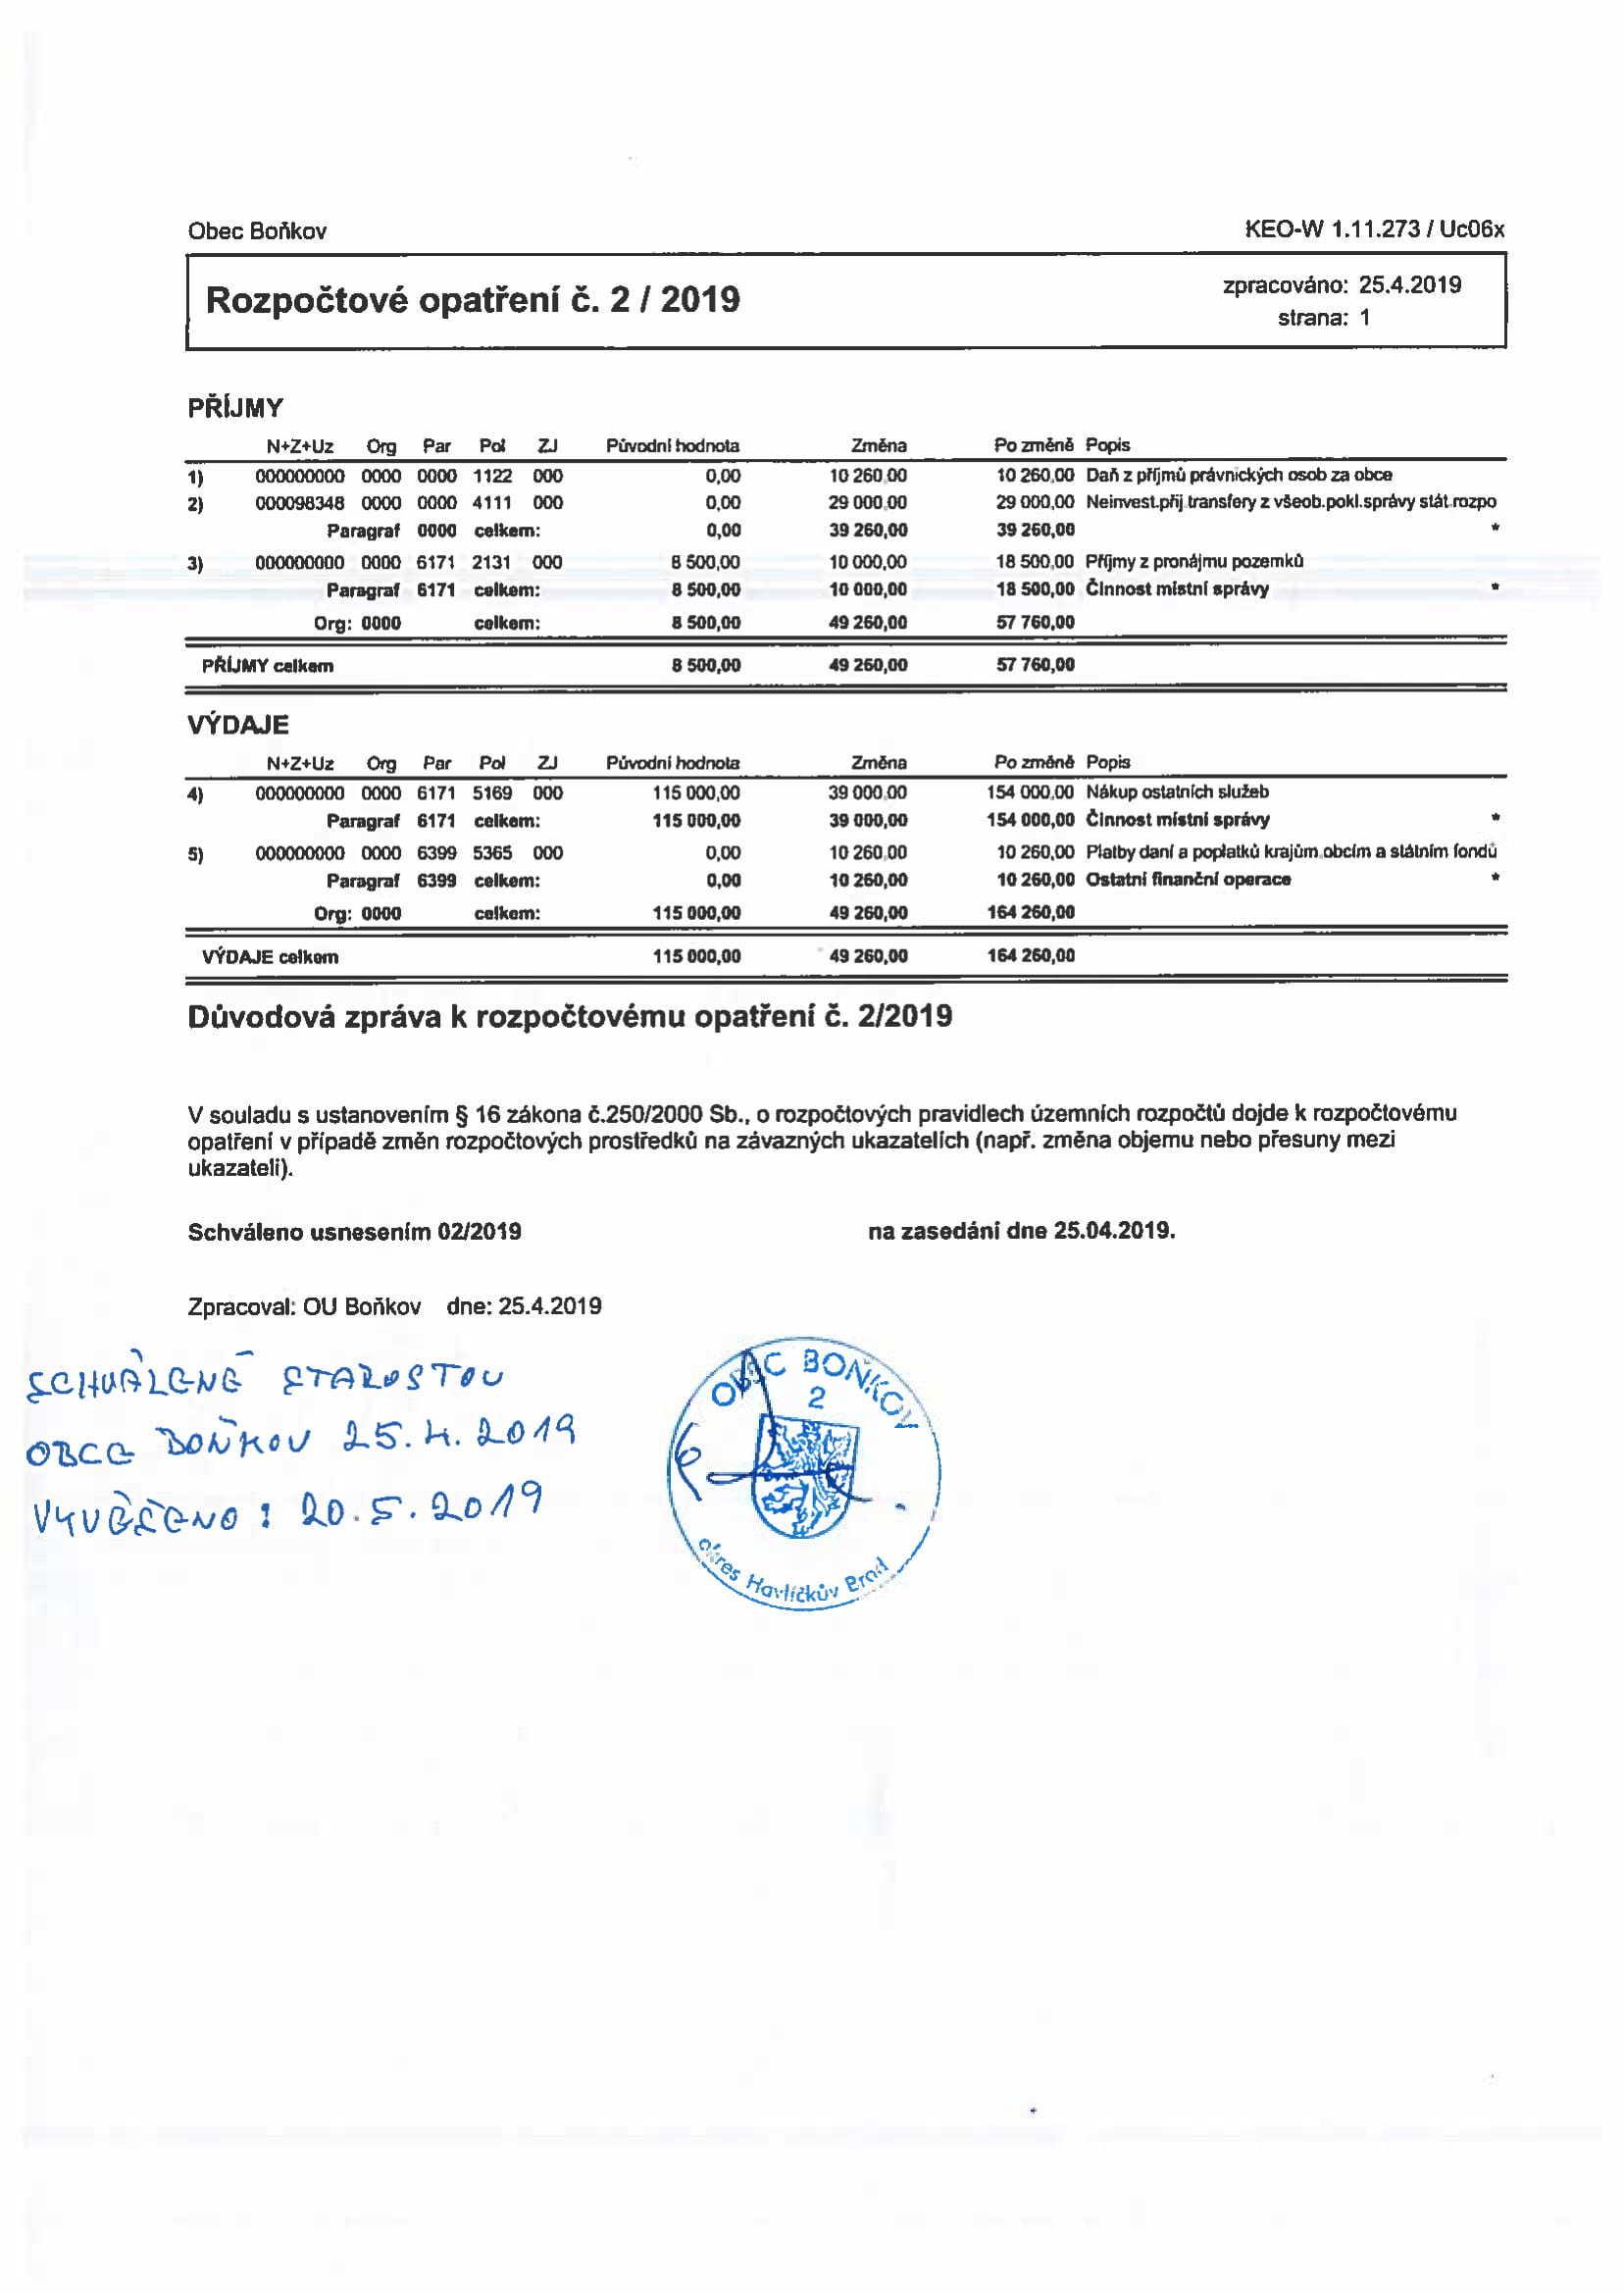 Rozpočtové opatření č.2/2019